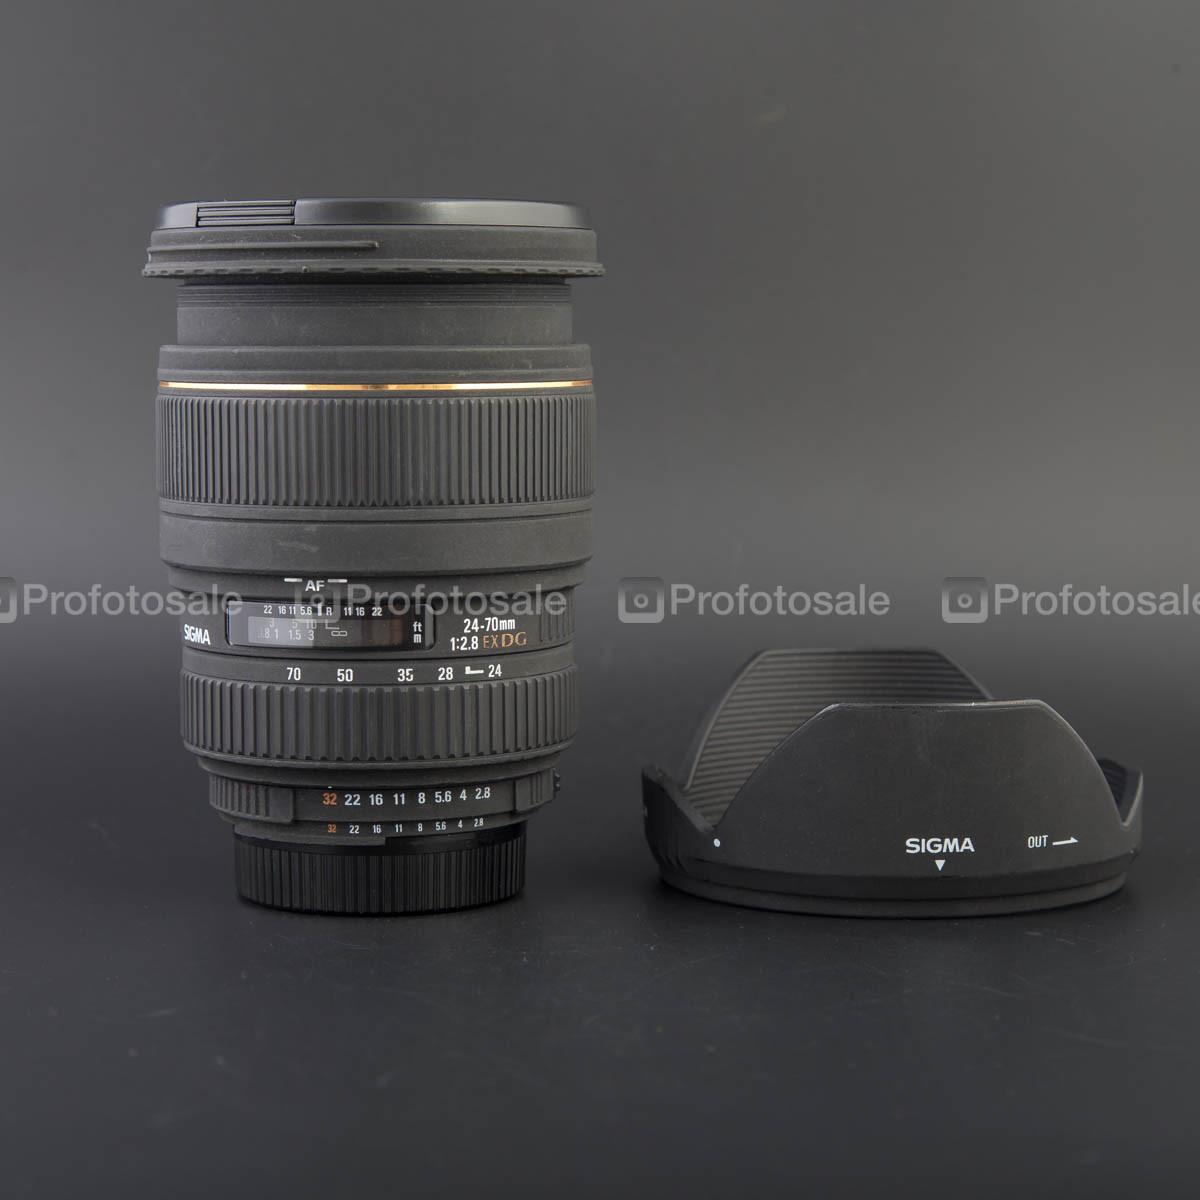 Sigma 24 - 70mm f/2.8 EX DG Macro